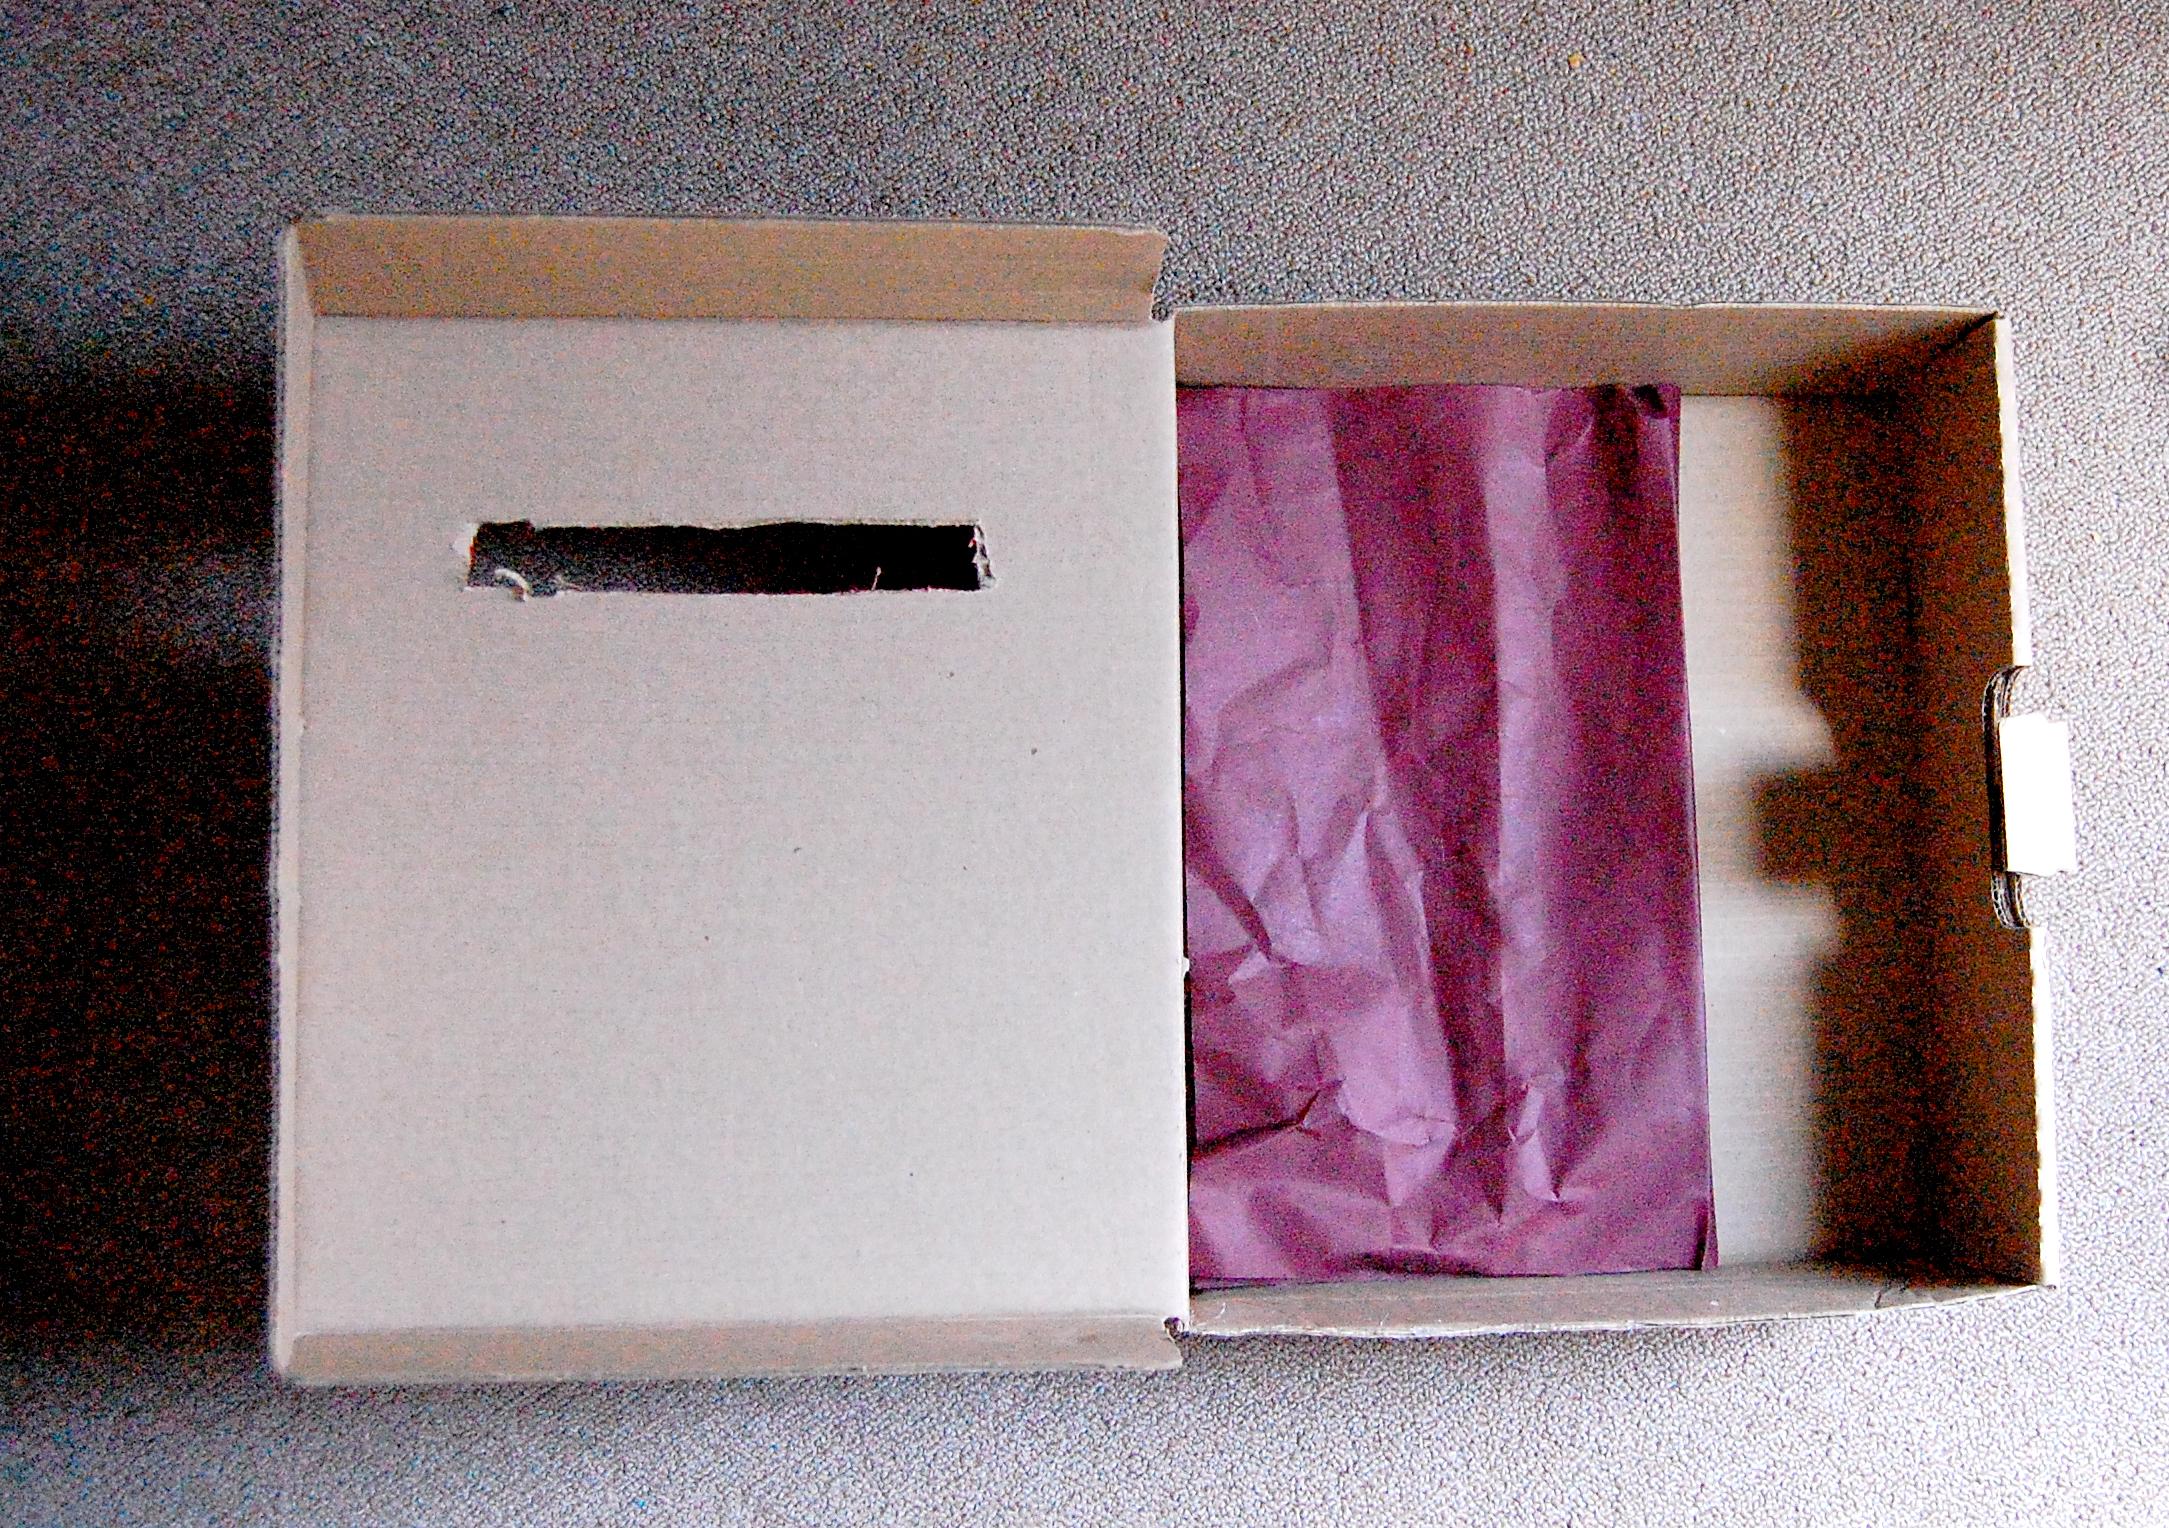 Step 1. Cut letter slot into shoebox